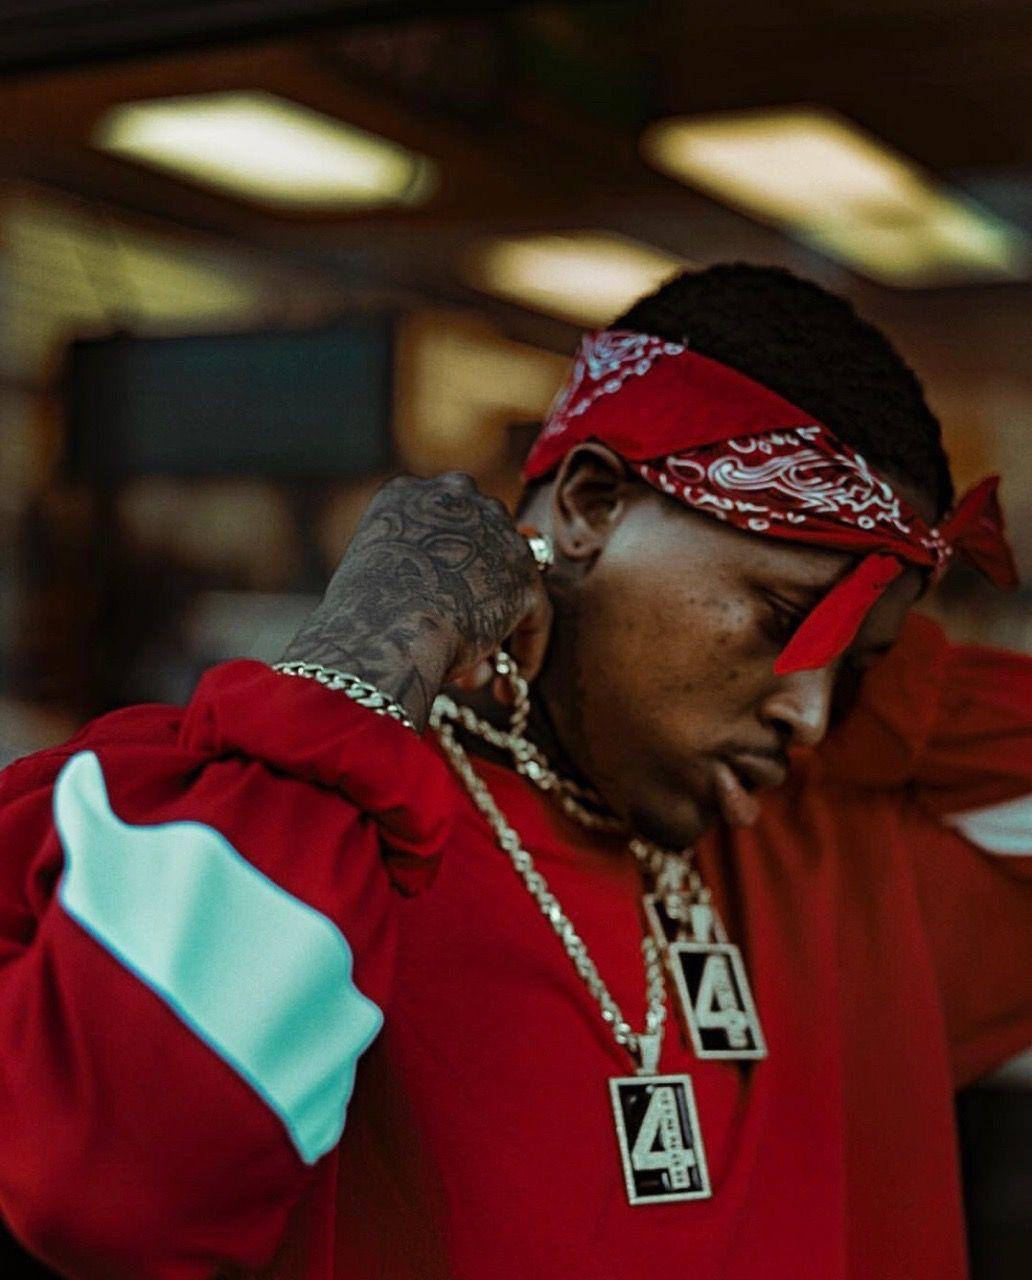 Pin By Matt On Favs Yg Rapper Rapper Style Gangsta Rap